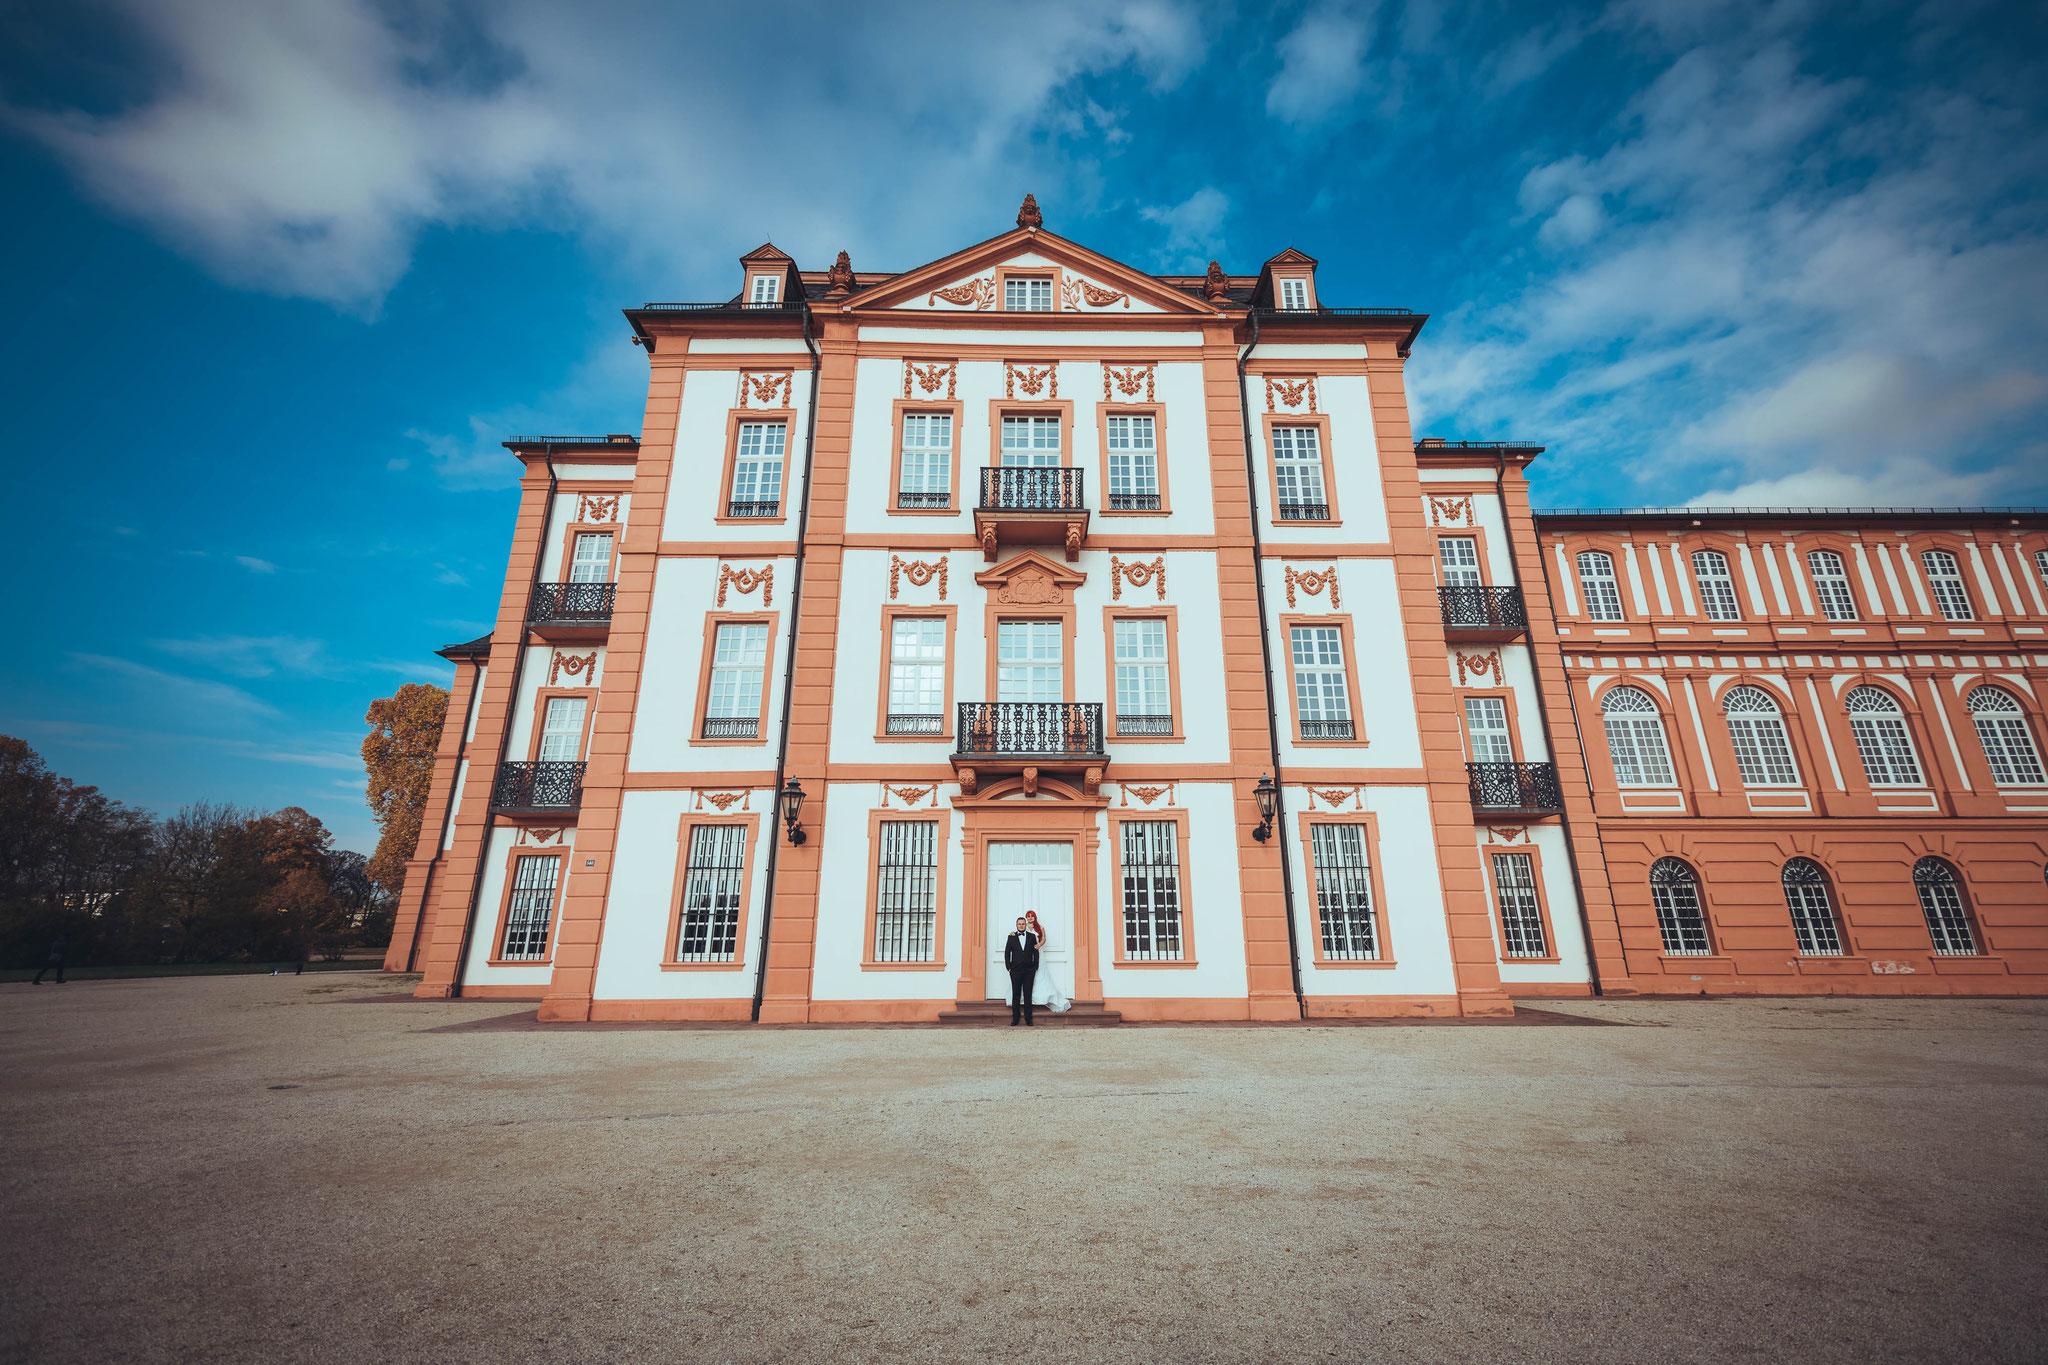 Professioneller Fotograf für Brautpaar Shooting in Wiesbaden und Rhein-Main-Gebiet